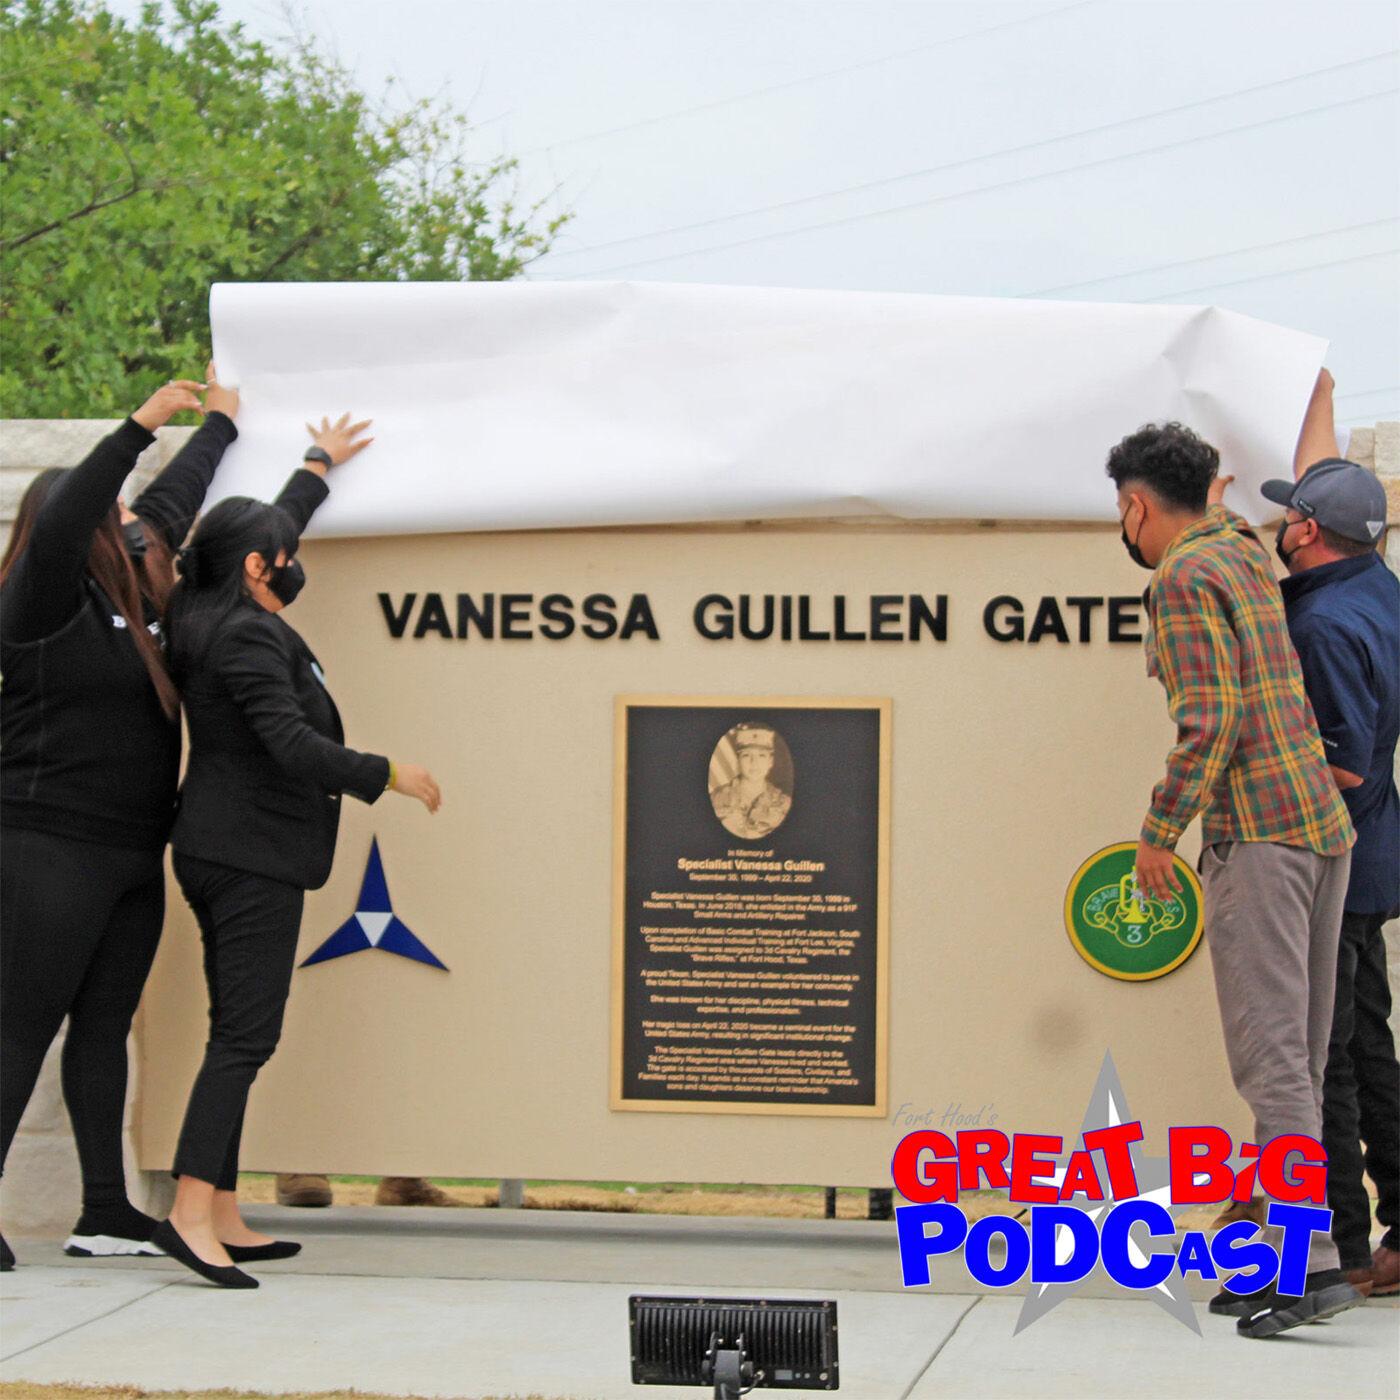 SPC Vanessa Guillen: Solemn, somber ceremony dedicates gate